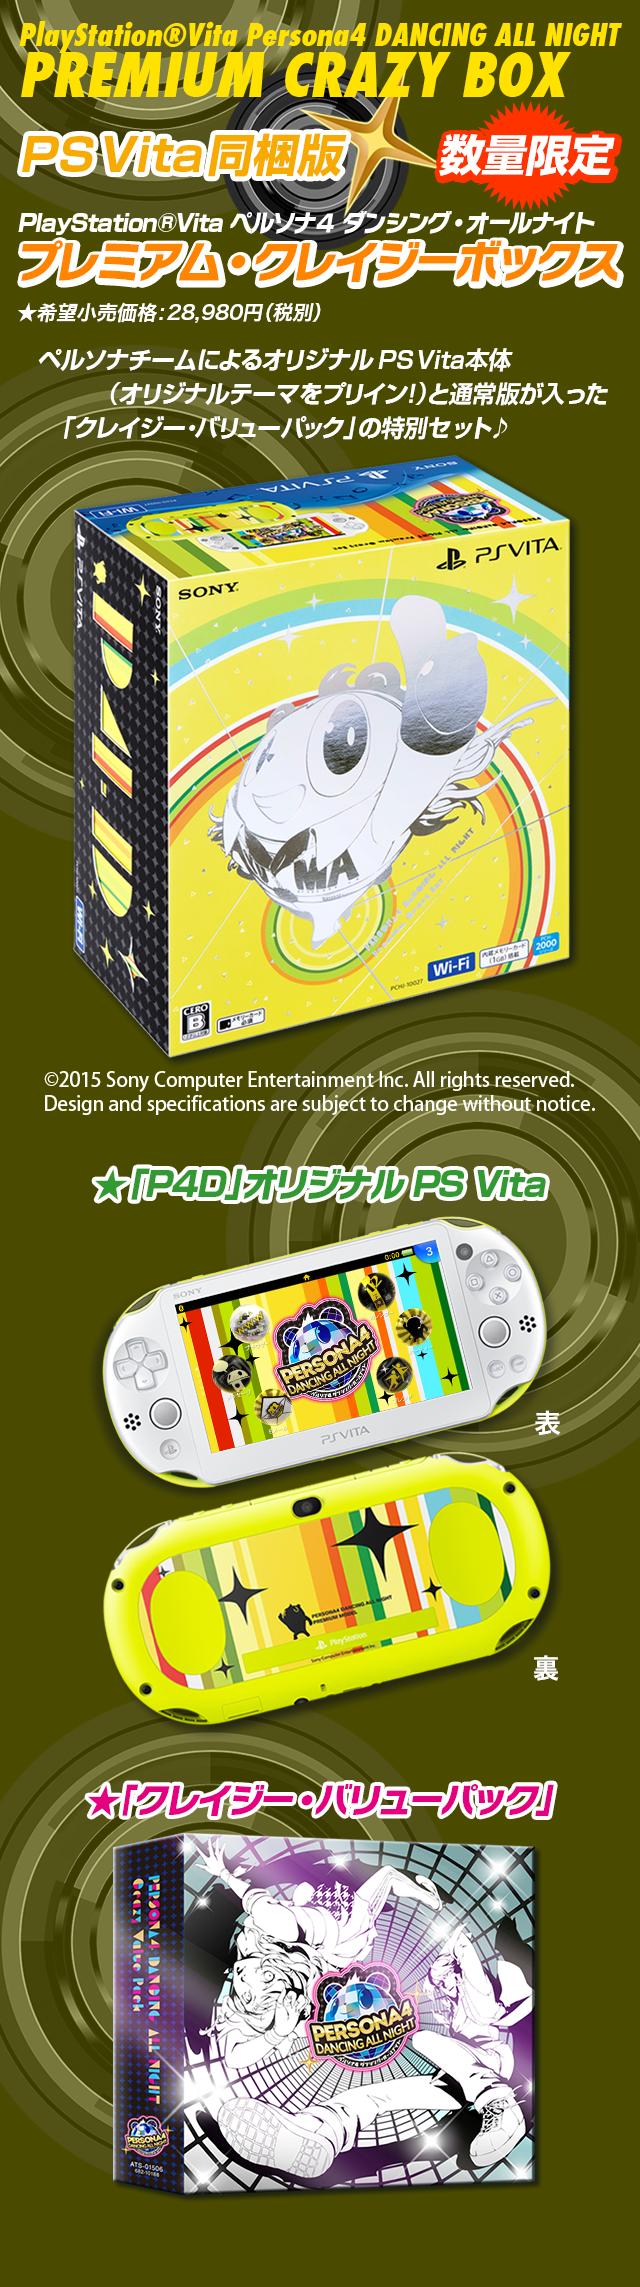 PS Vita同梱版 PlayStation(R)Vita ペルソナ4 ダンシング・オールナイト プレミアム・クレイジーボックス